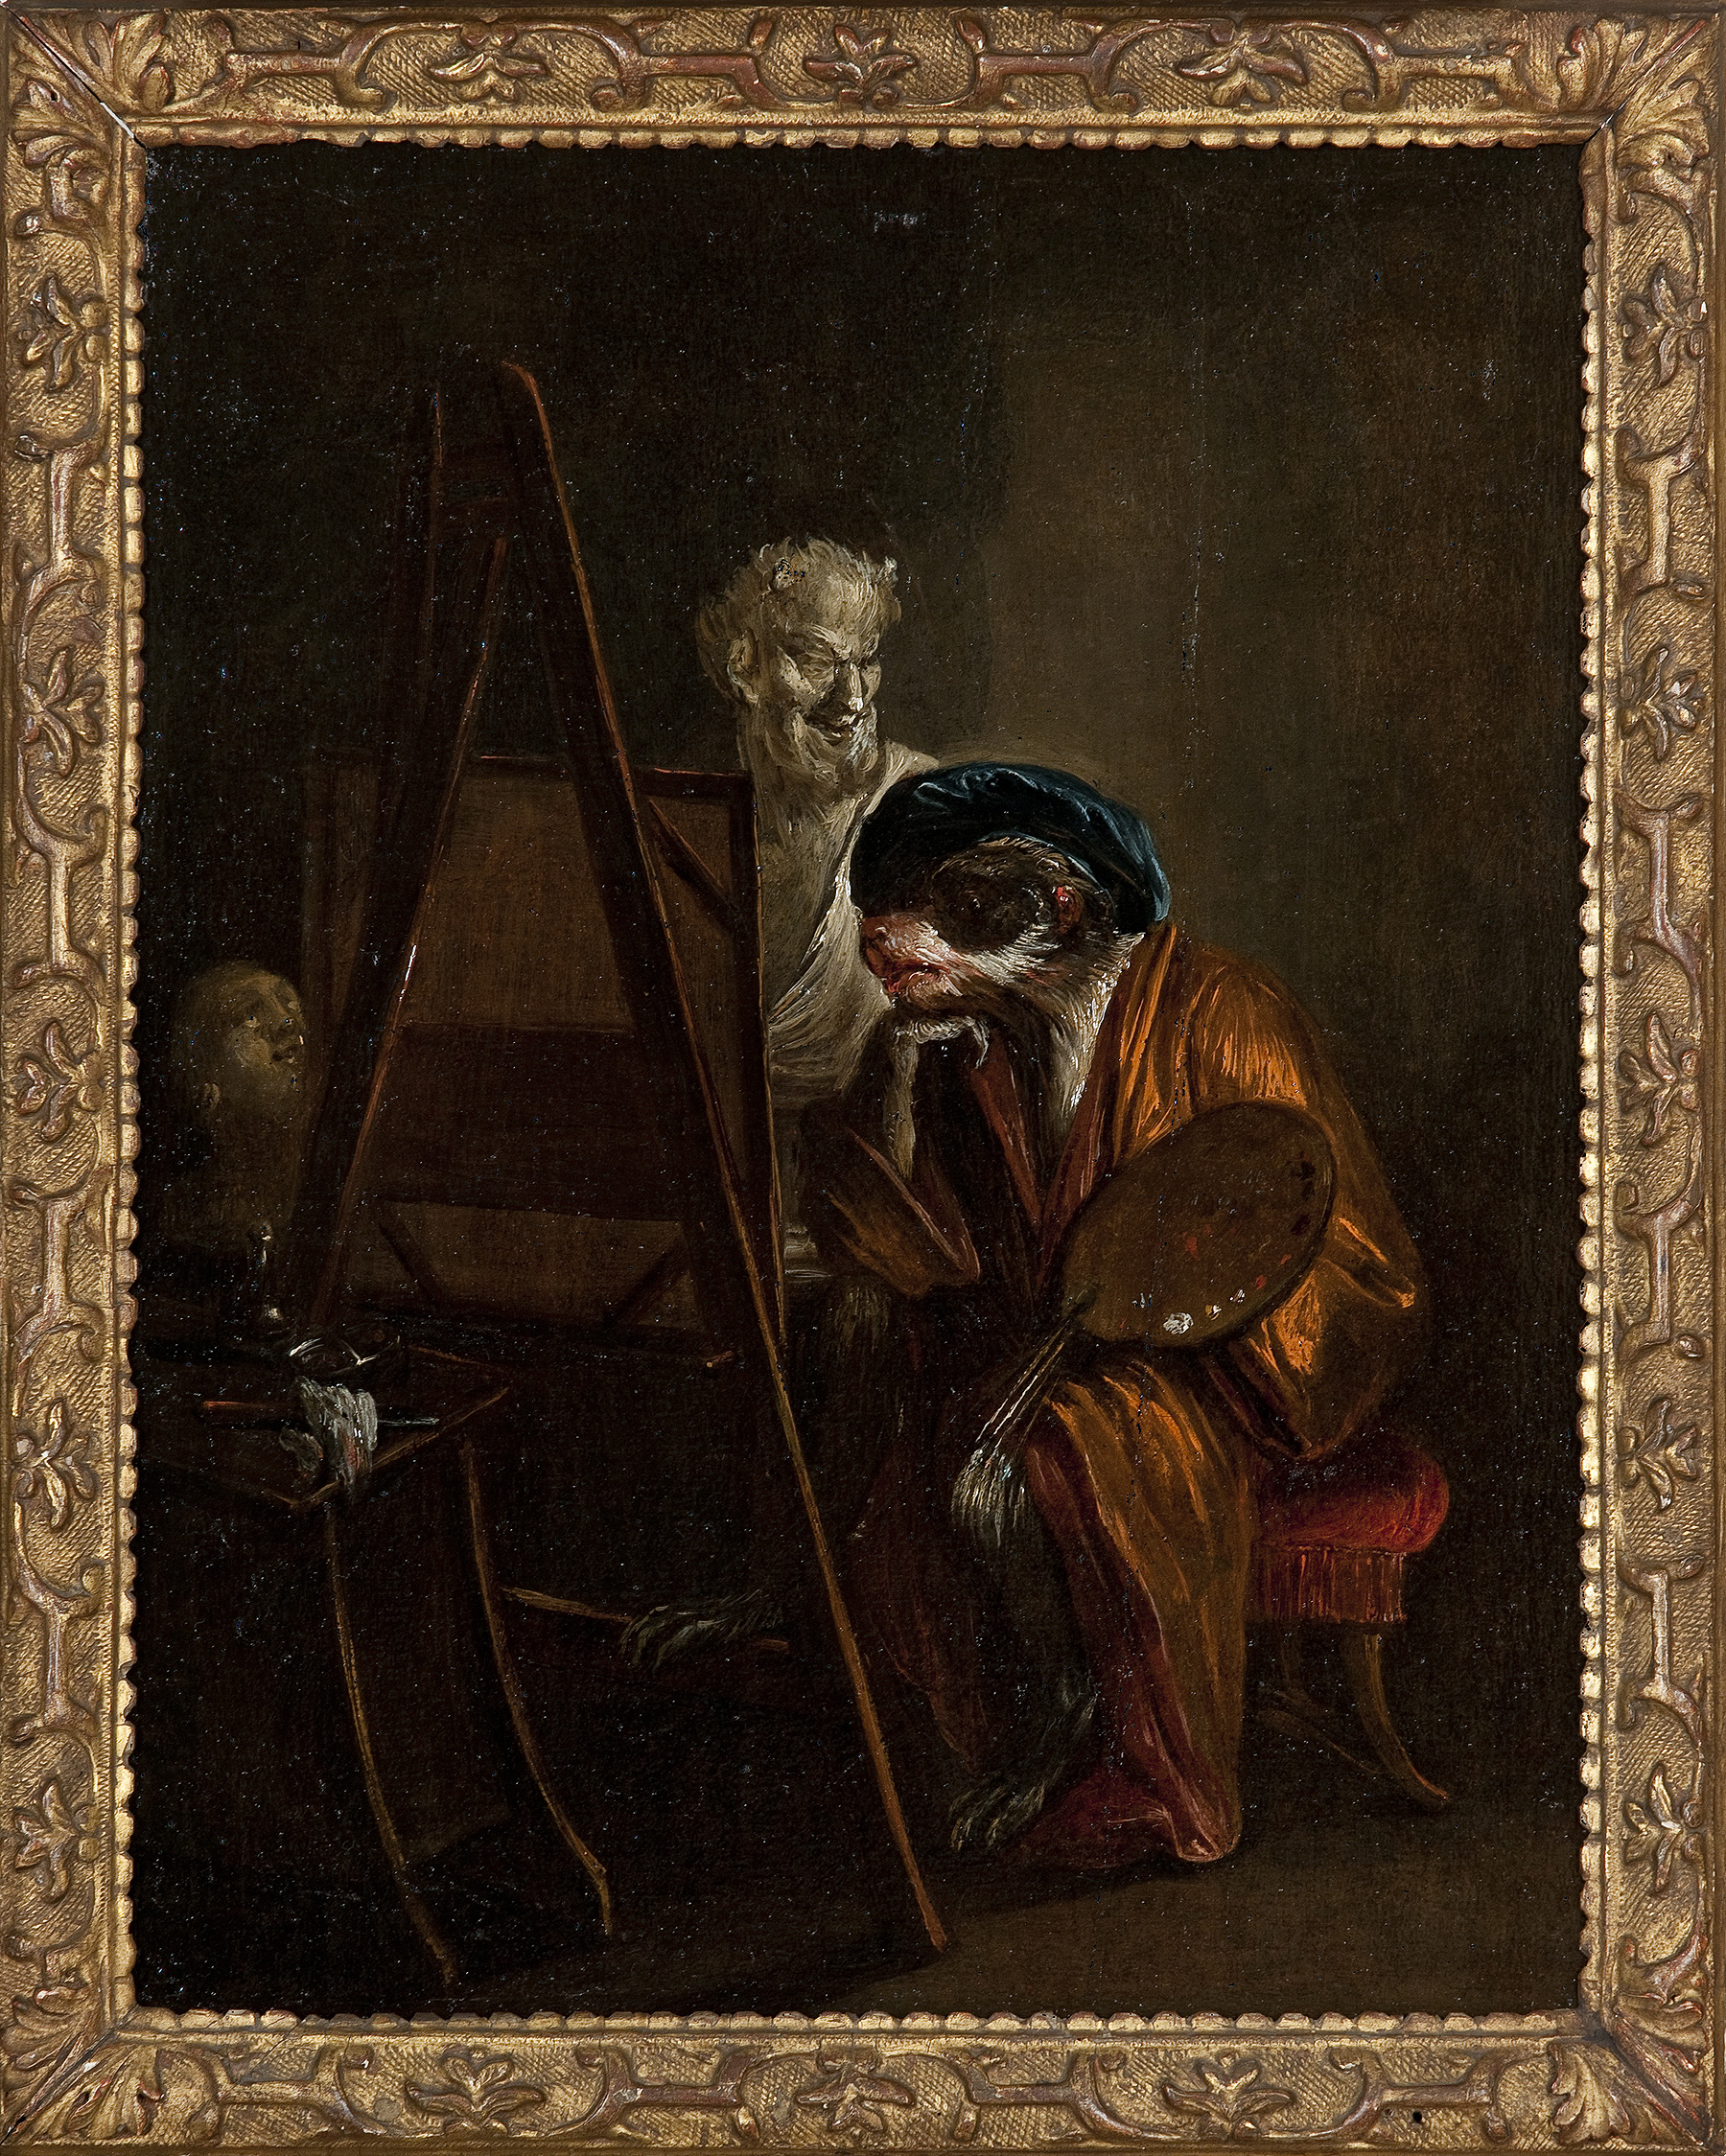 Watteau singe peintre musee arts decoratifs paris